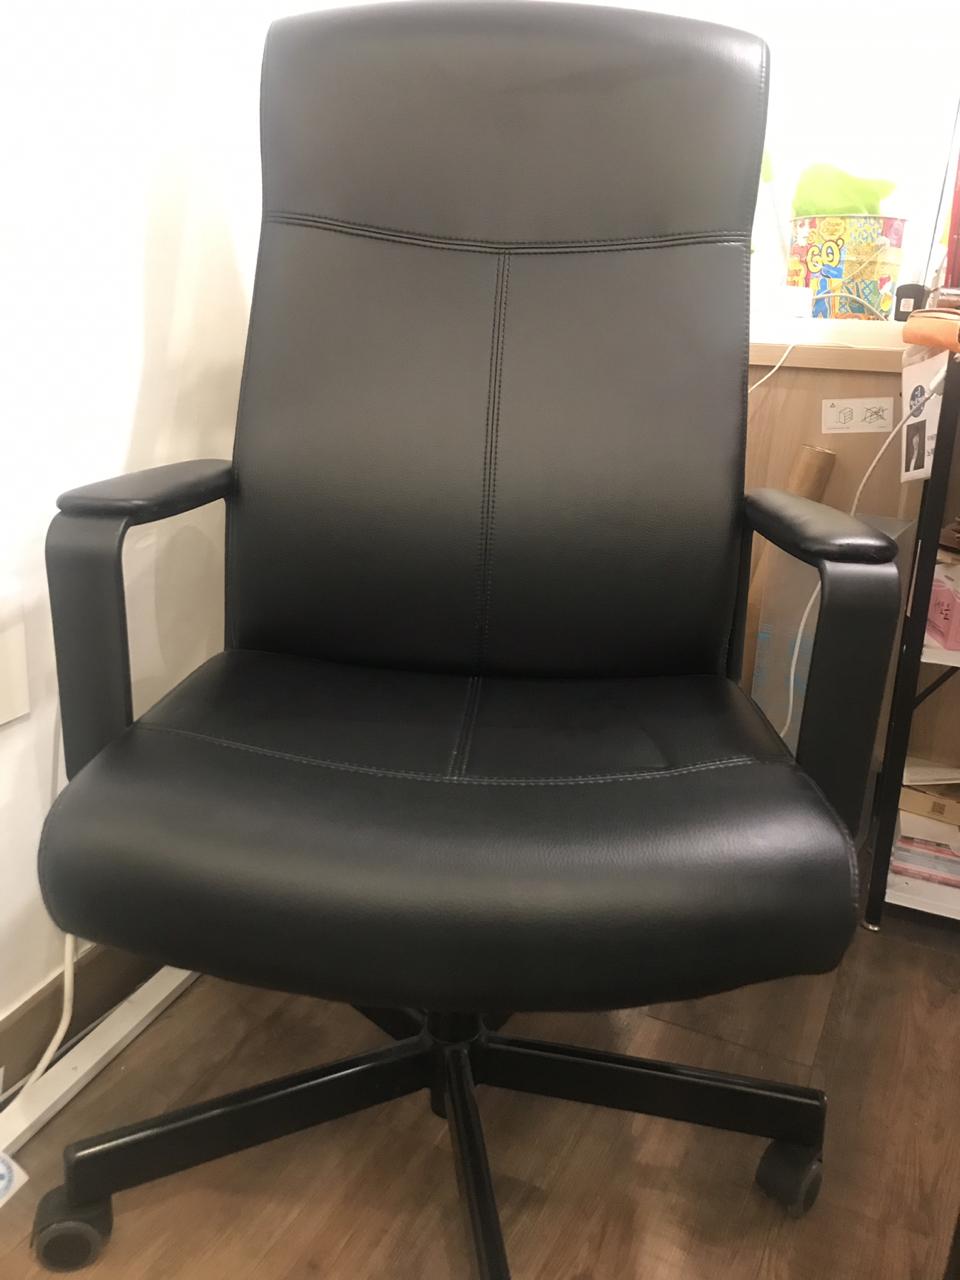 사무실용 의자 내놔요(이케아 밀베리에트)